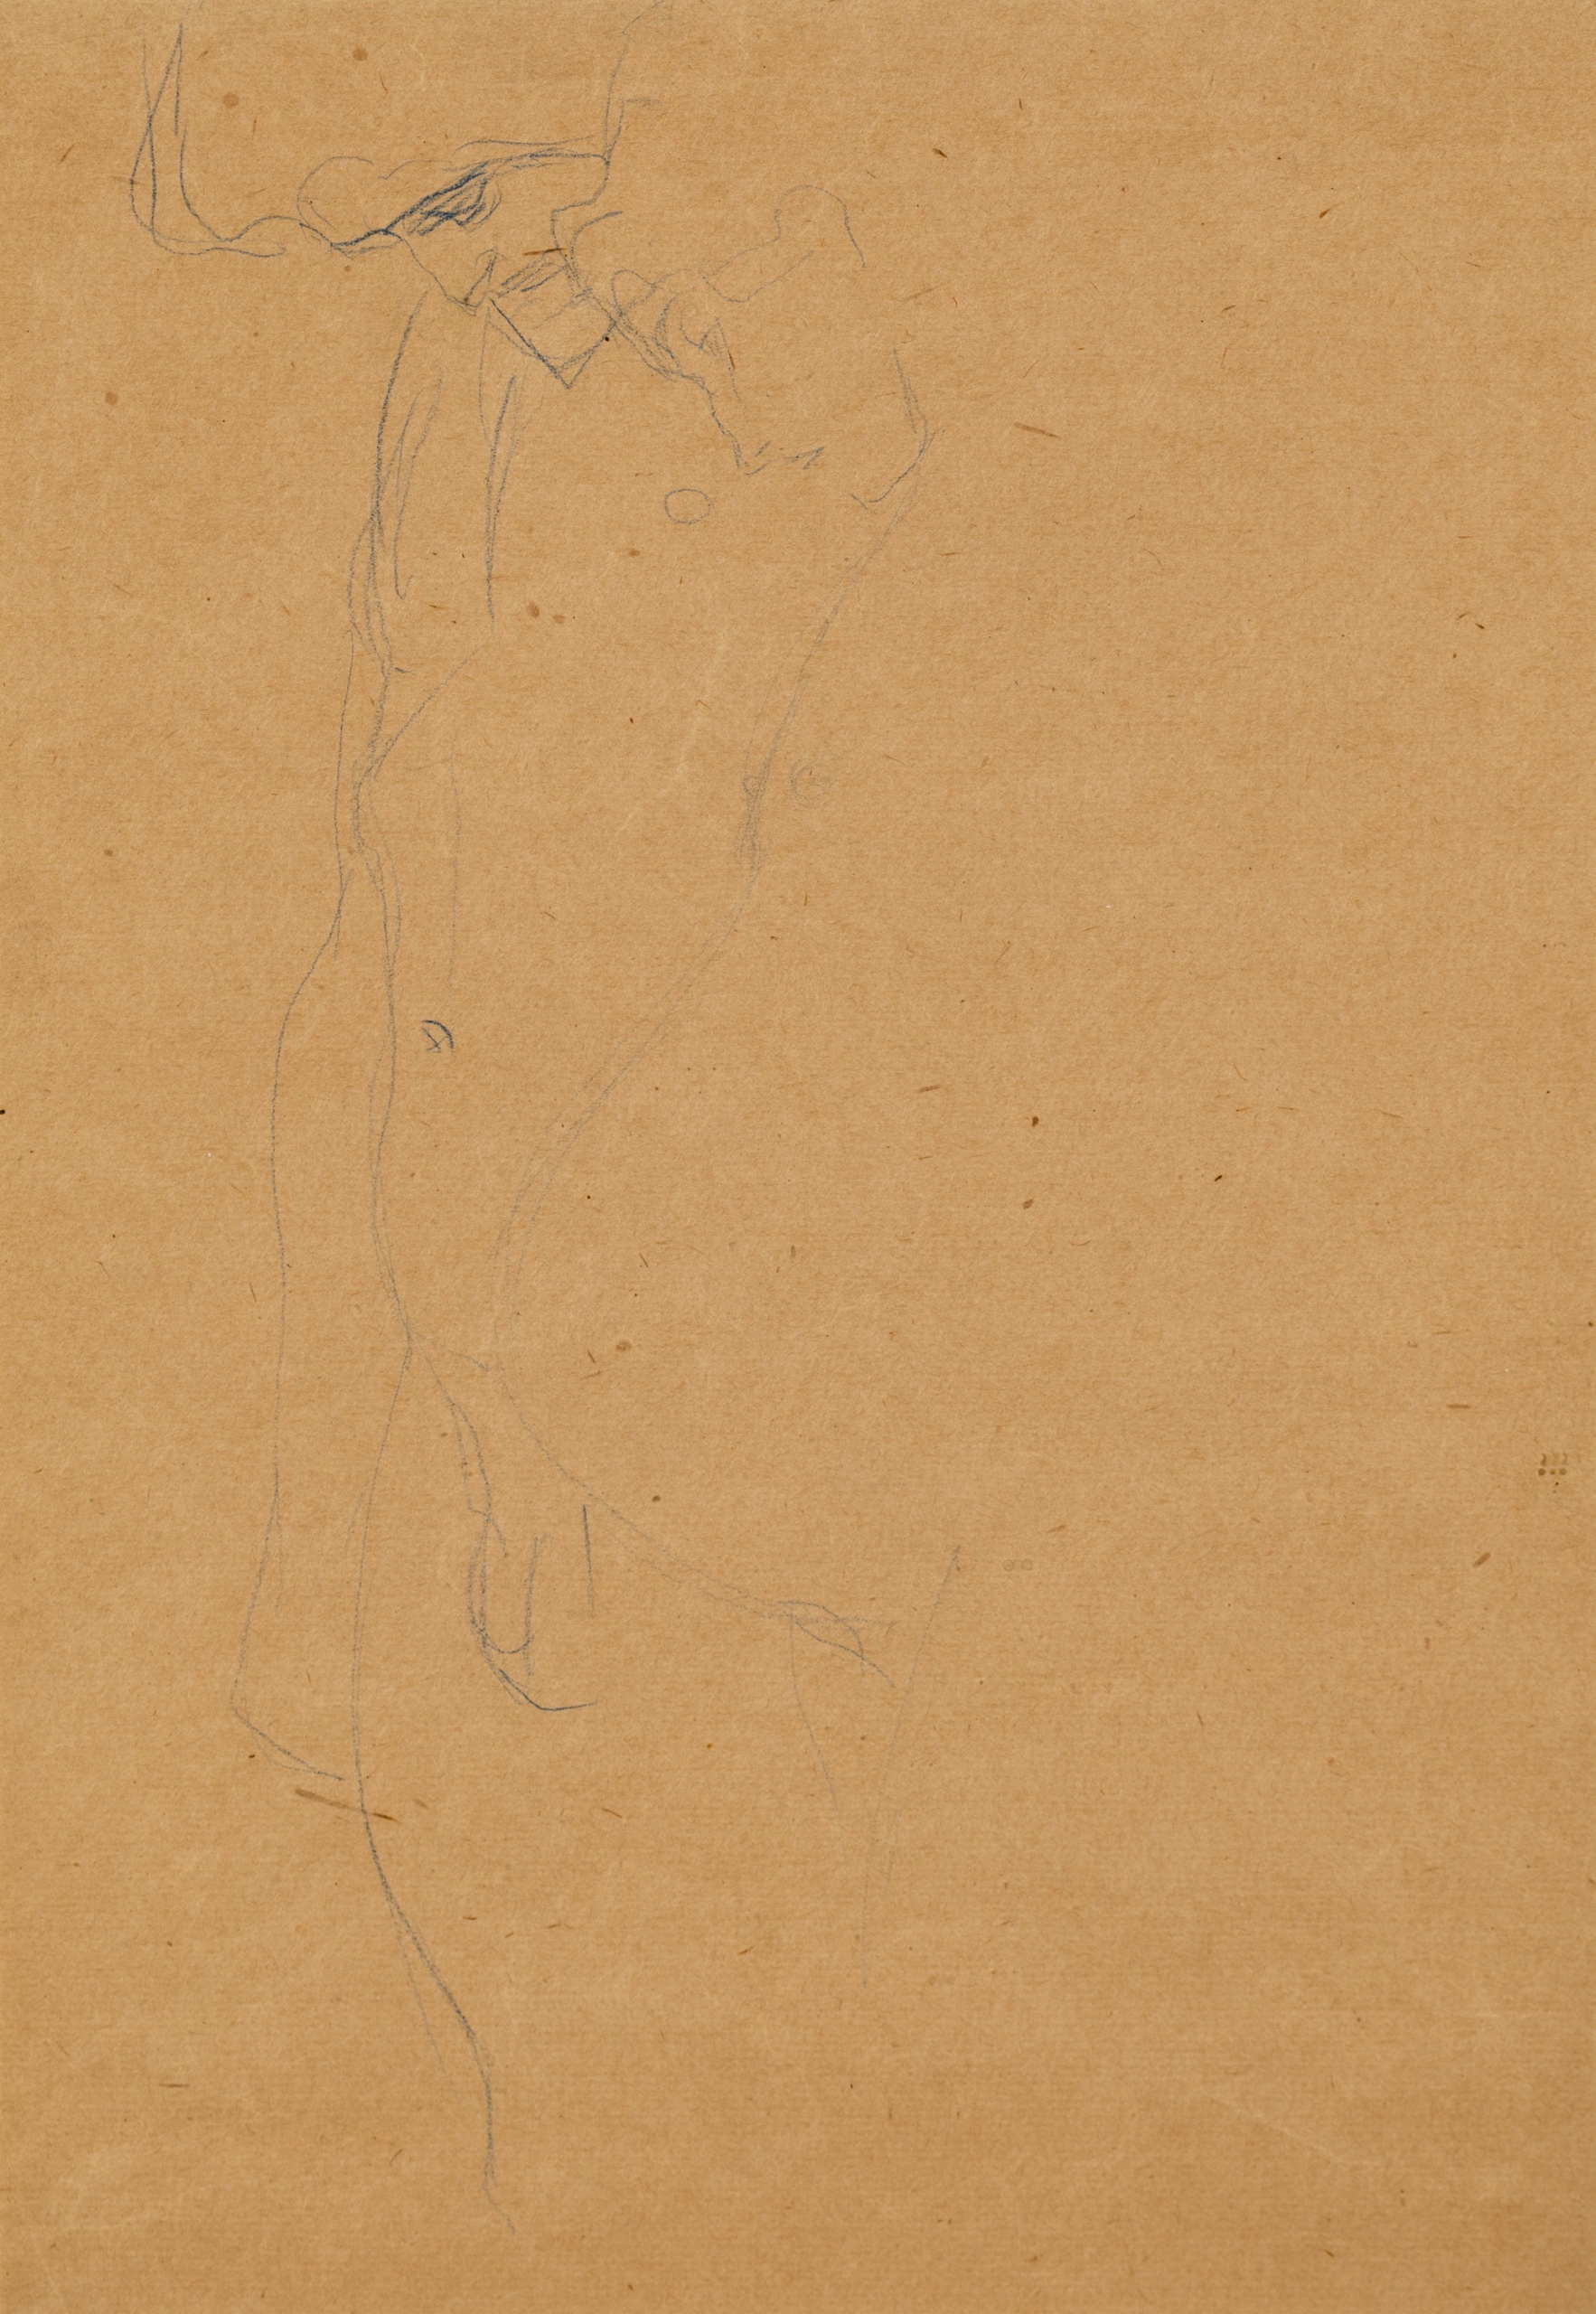 Gustav Klimt, Schwangere mit Mann  (im Umriss angedeutetet